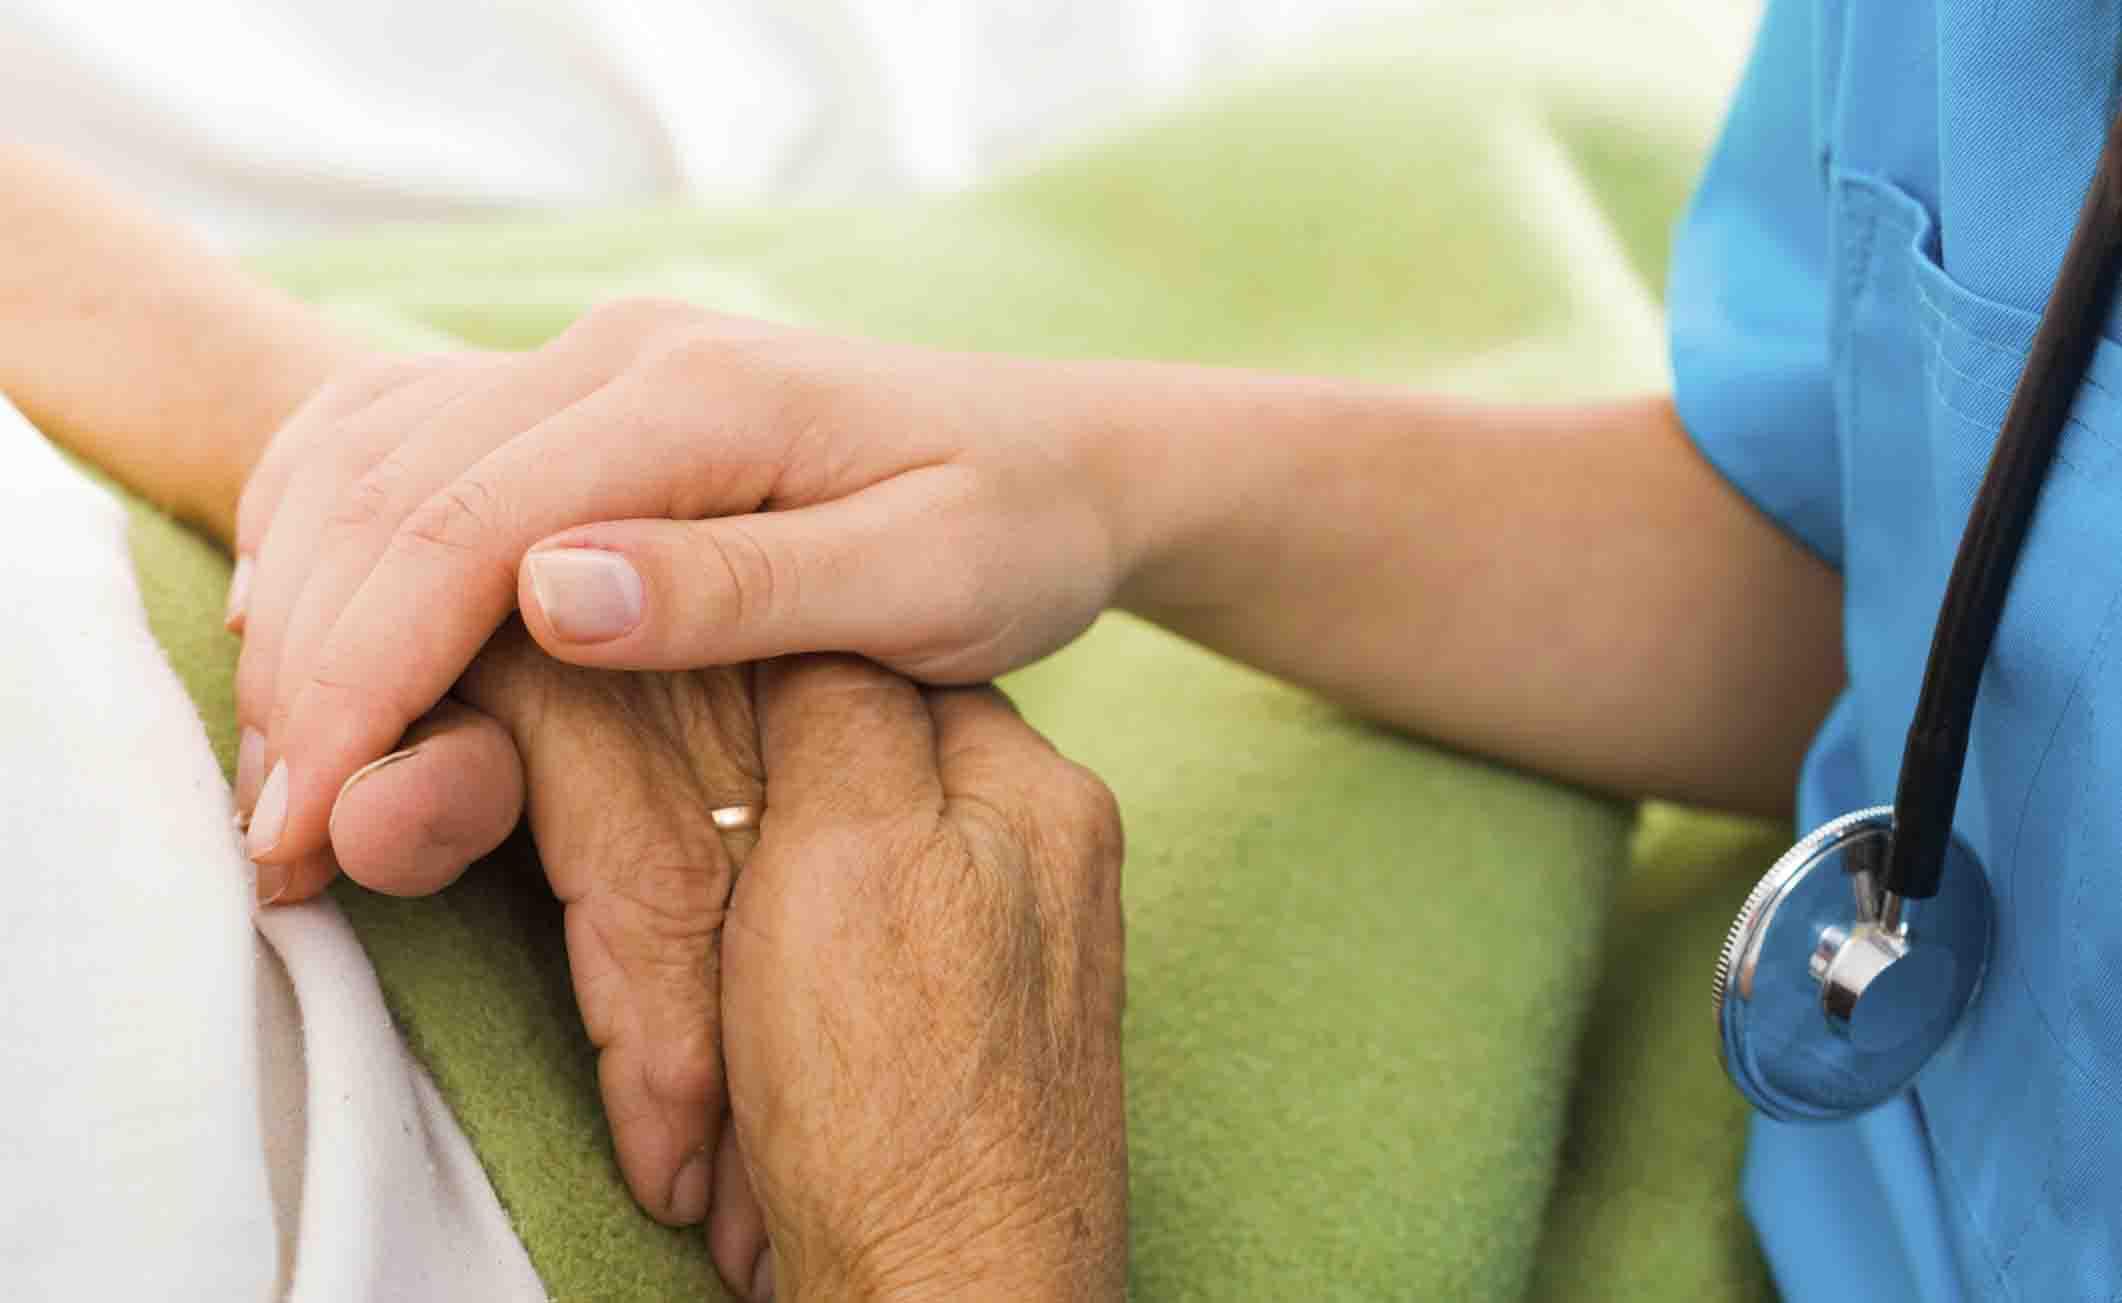 Risvegliarsi dal coma con un farmaco: la storia di uno strano caso